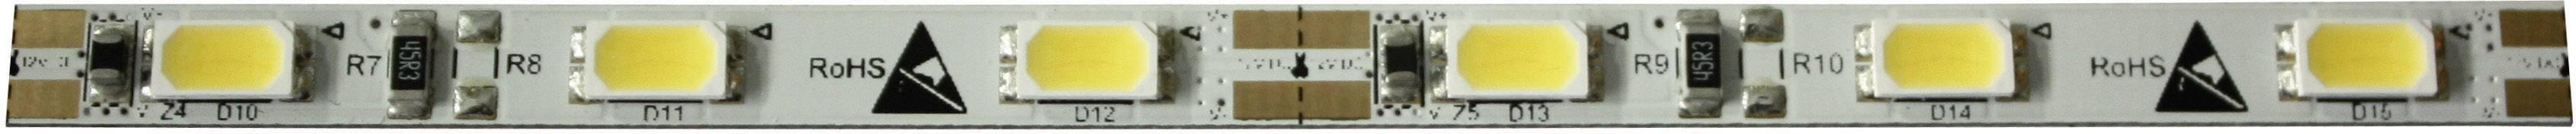 LED pásik Barthelme 50050634 50050634, 12 V, neutrálne biela, 50 cm